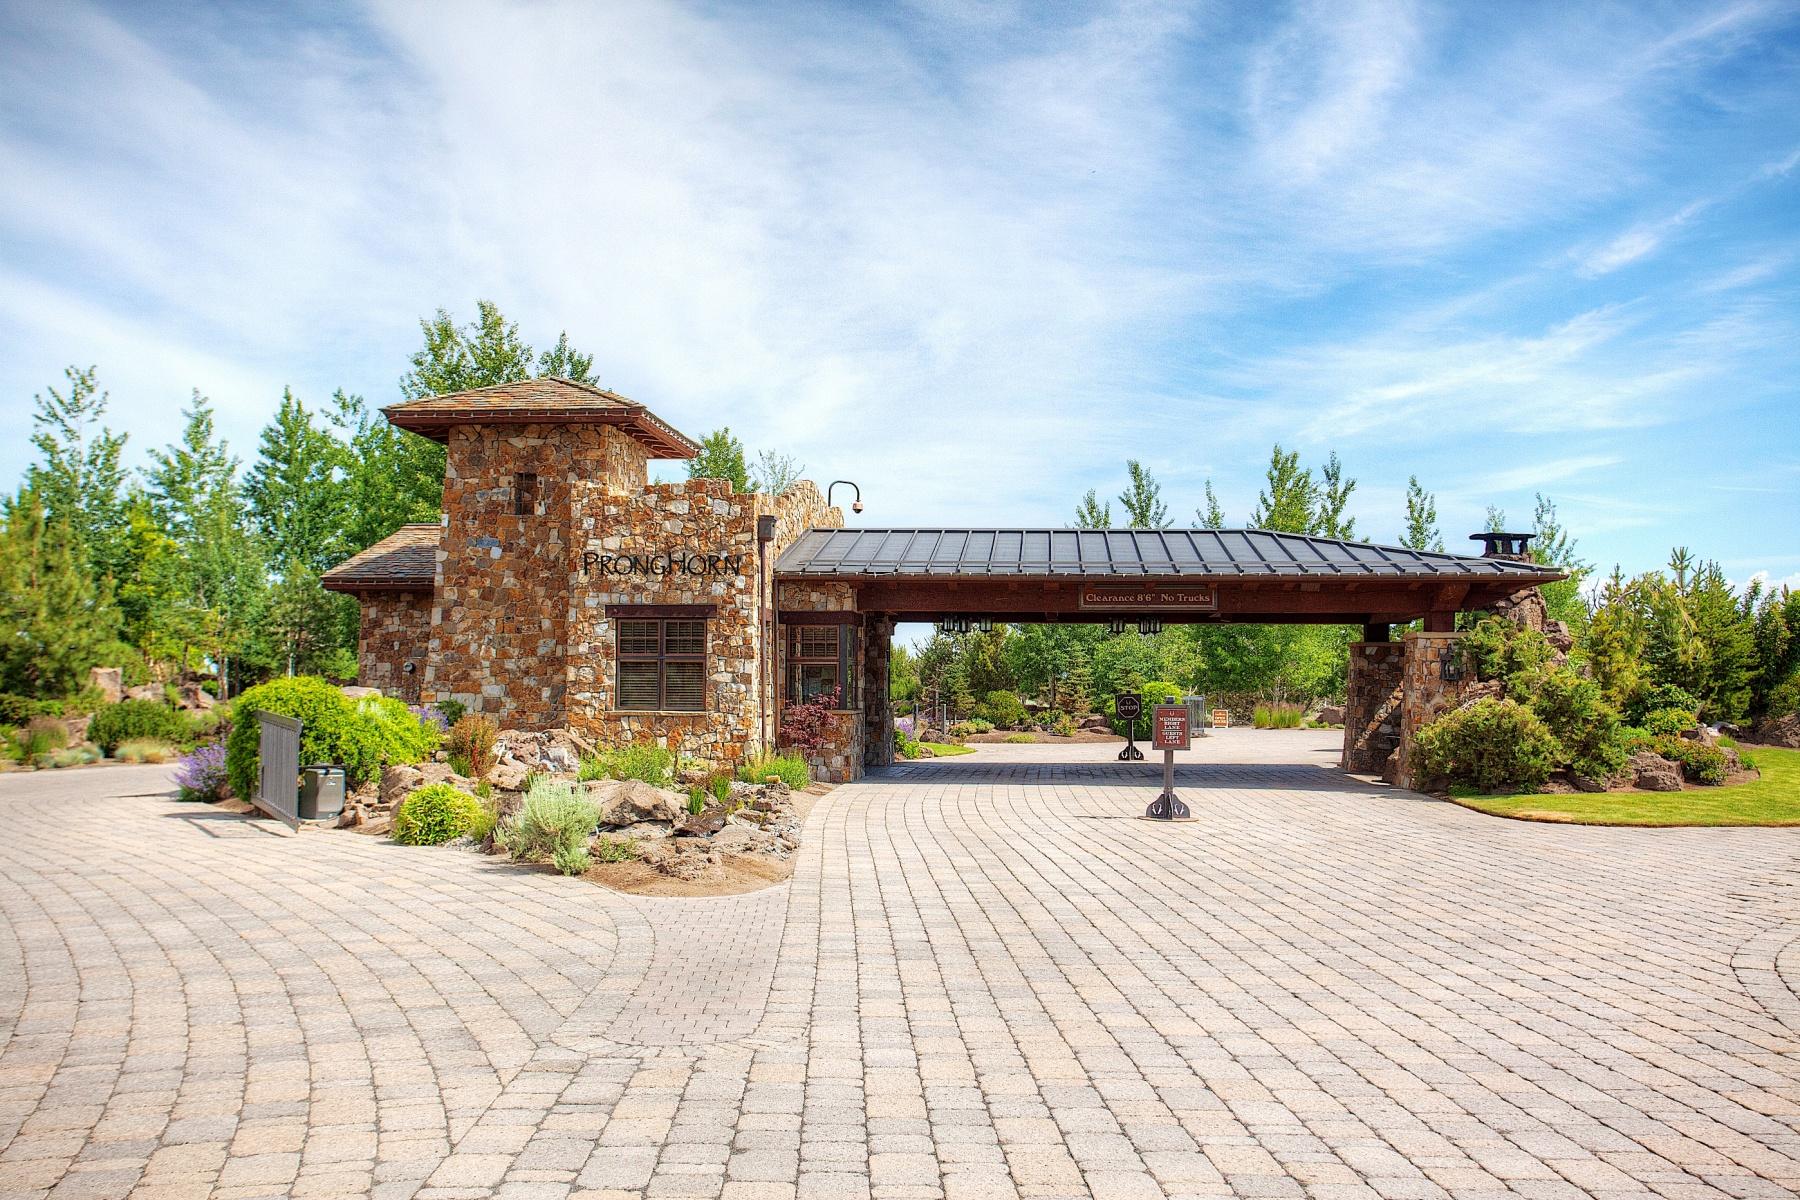 Земля для того Продажа на Pronghorn Resort 23030 Brushline Ct Lot 125 Bend, Орегон, 97701 Соединенные Штаты